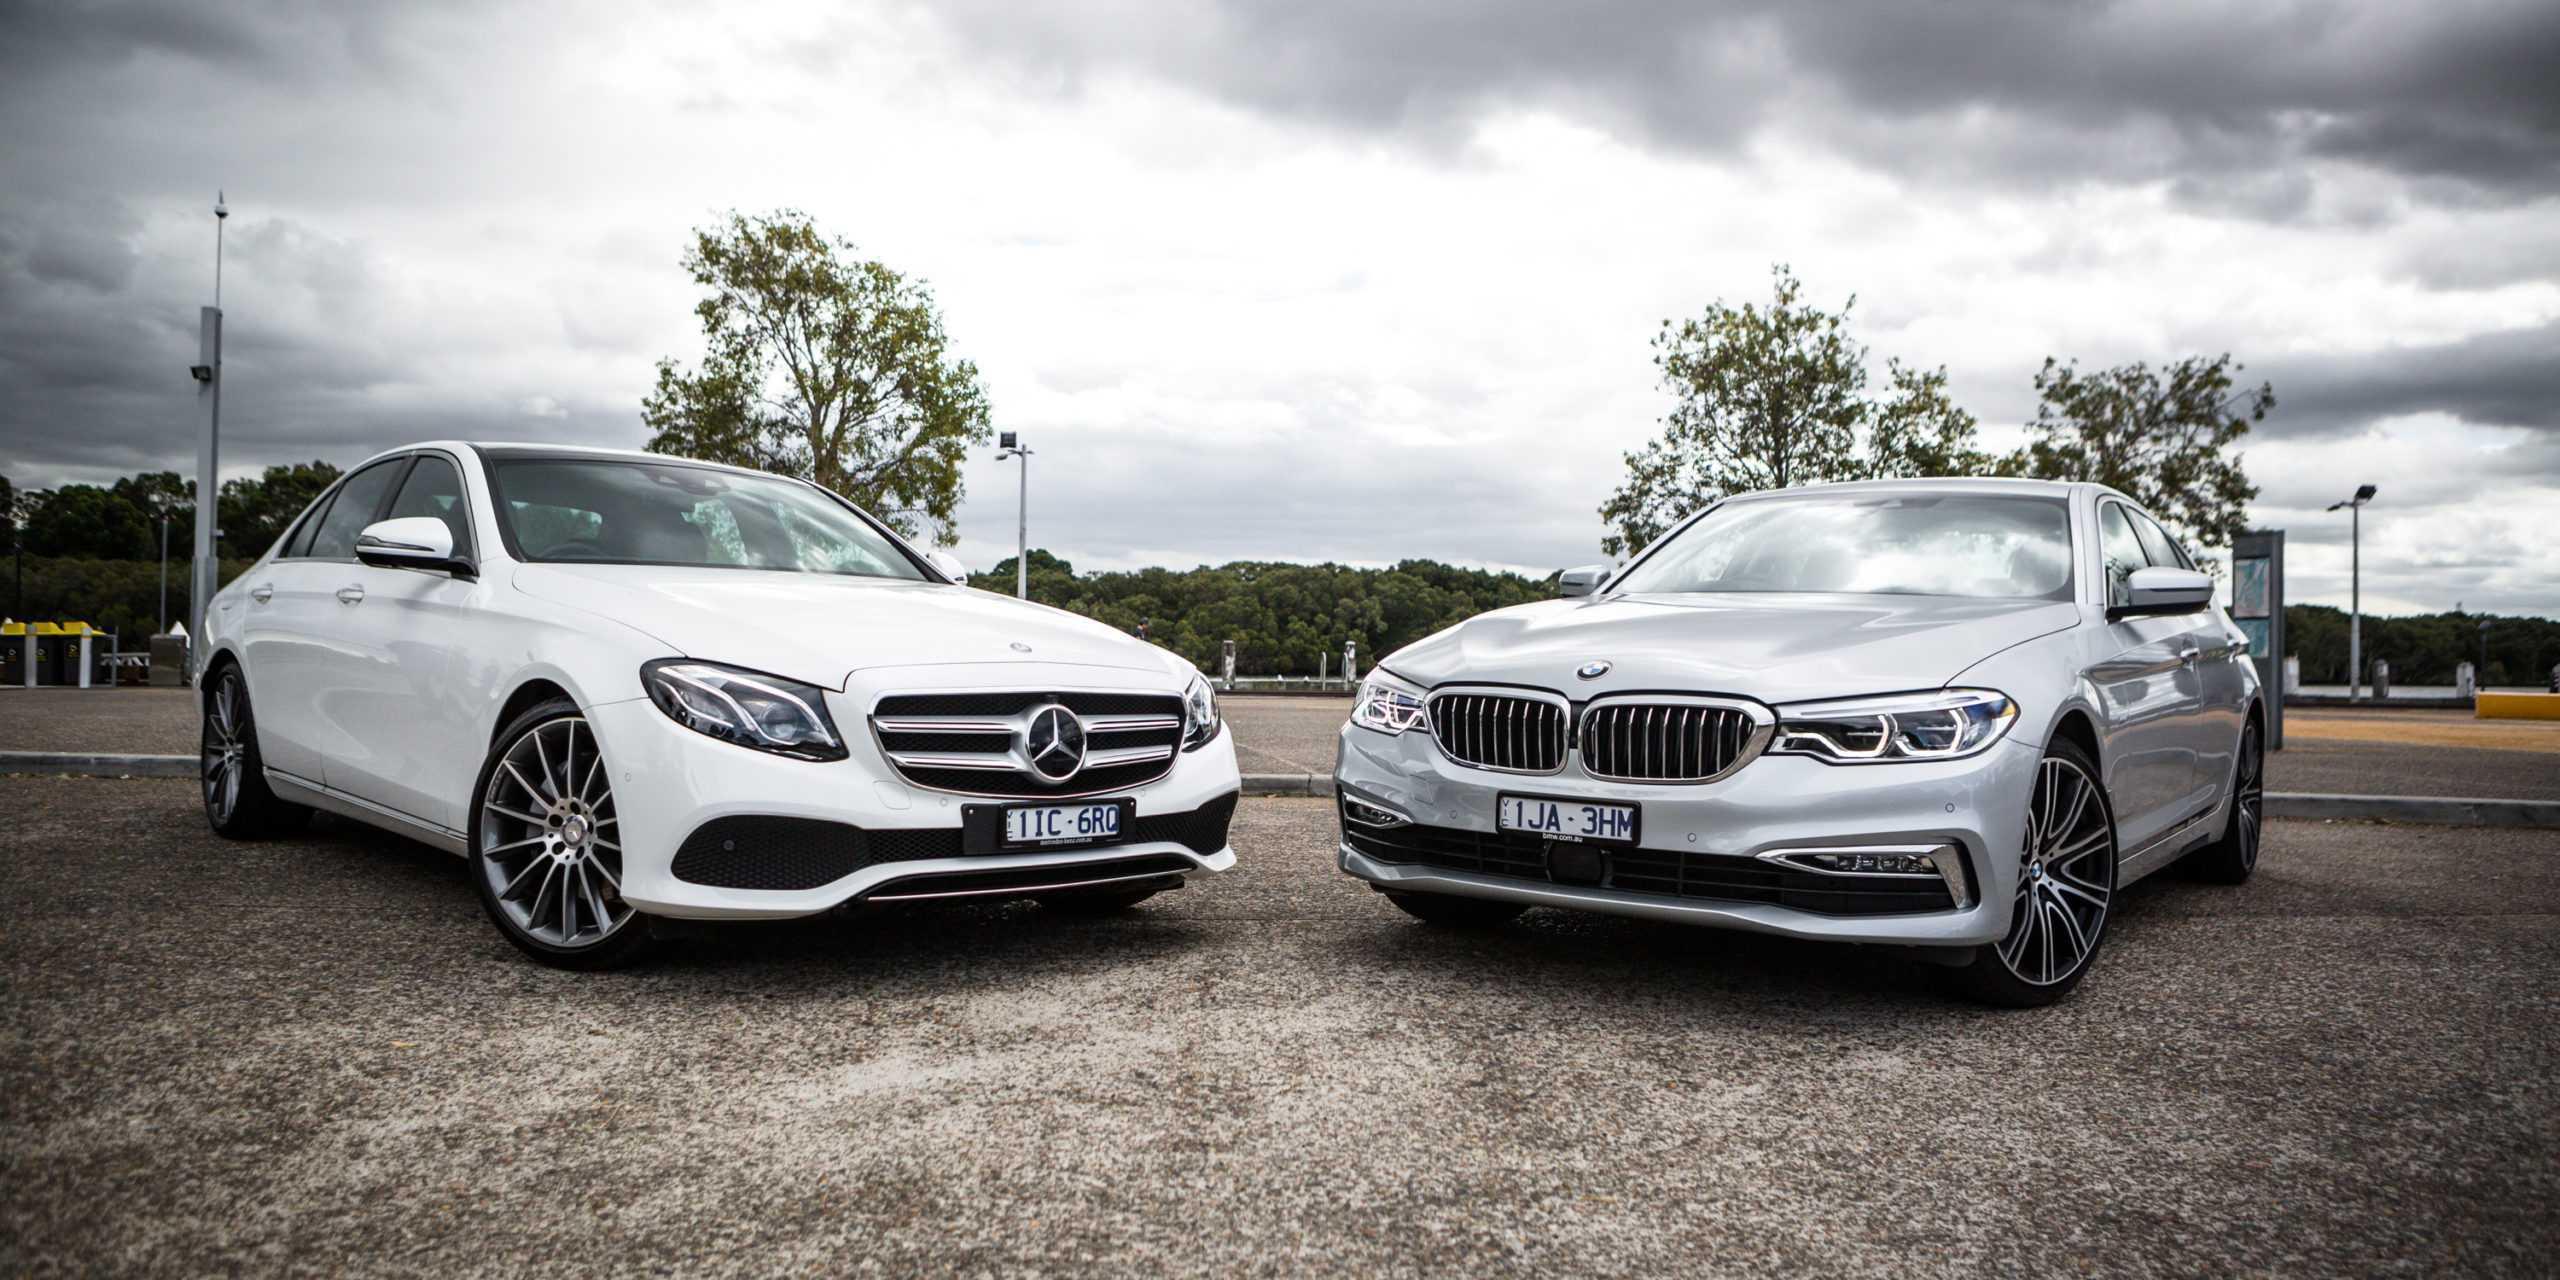 Что лучше BMW или Audi и целесообразен ли вообще спор?